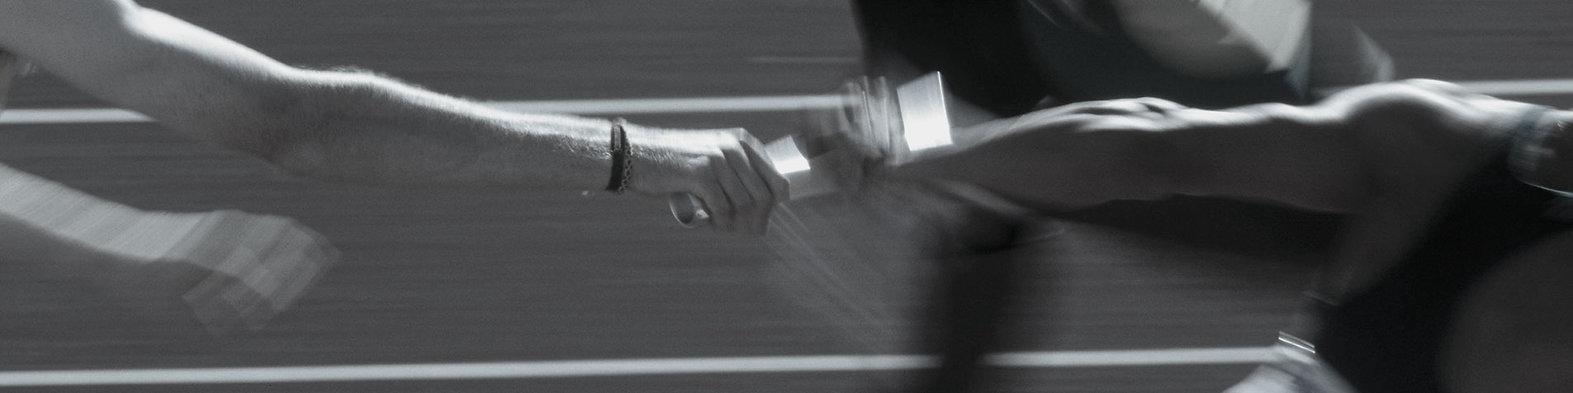 """Headerbild des Job Bereiches """"Weitere Bereiche"""" bei der IT-Firma TECXIPIO in Karlsruhe. Auf dem Bild erkennt man zwei Arme, die sich ein Platt Papier in die Hand geben"""